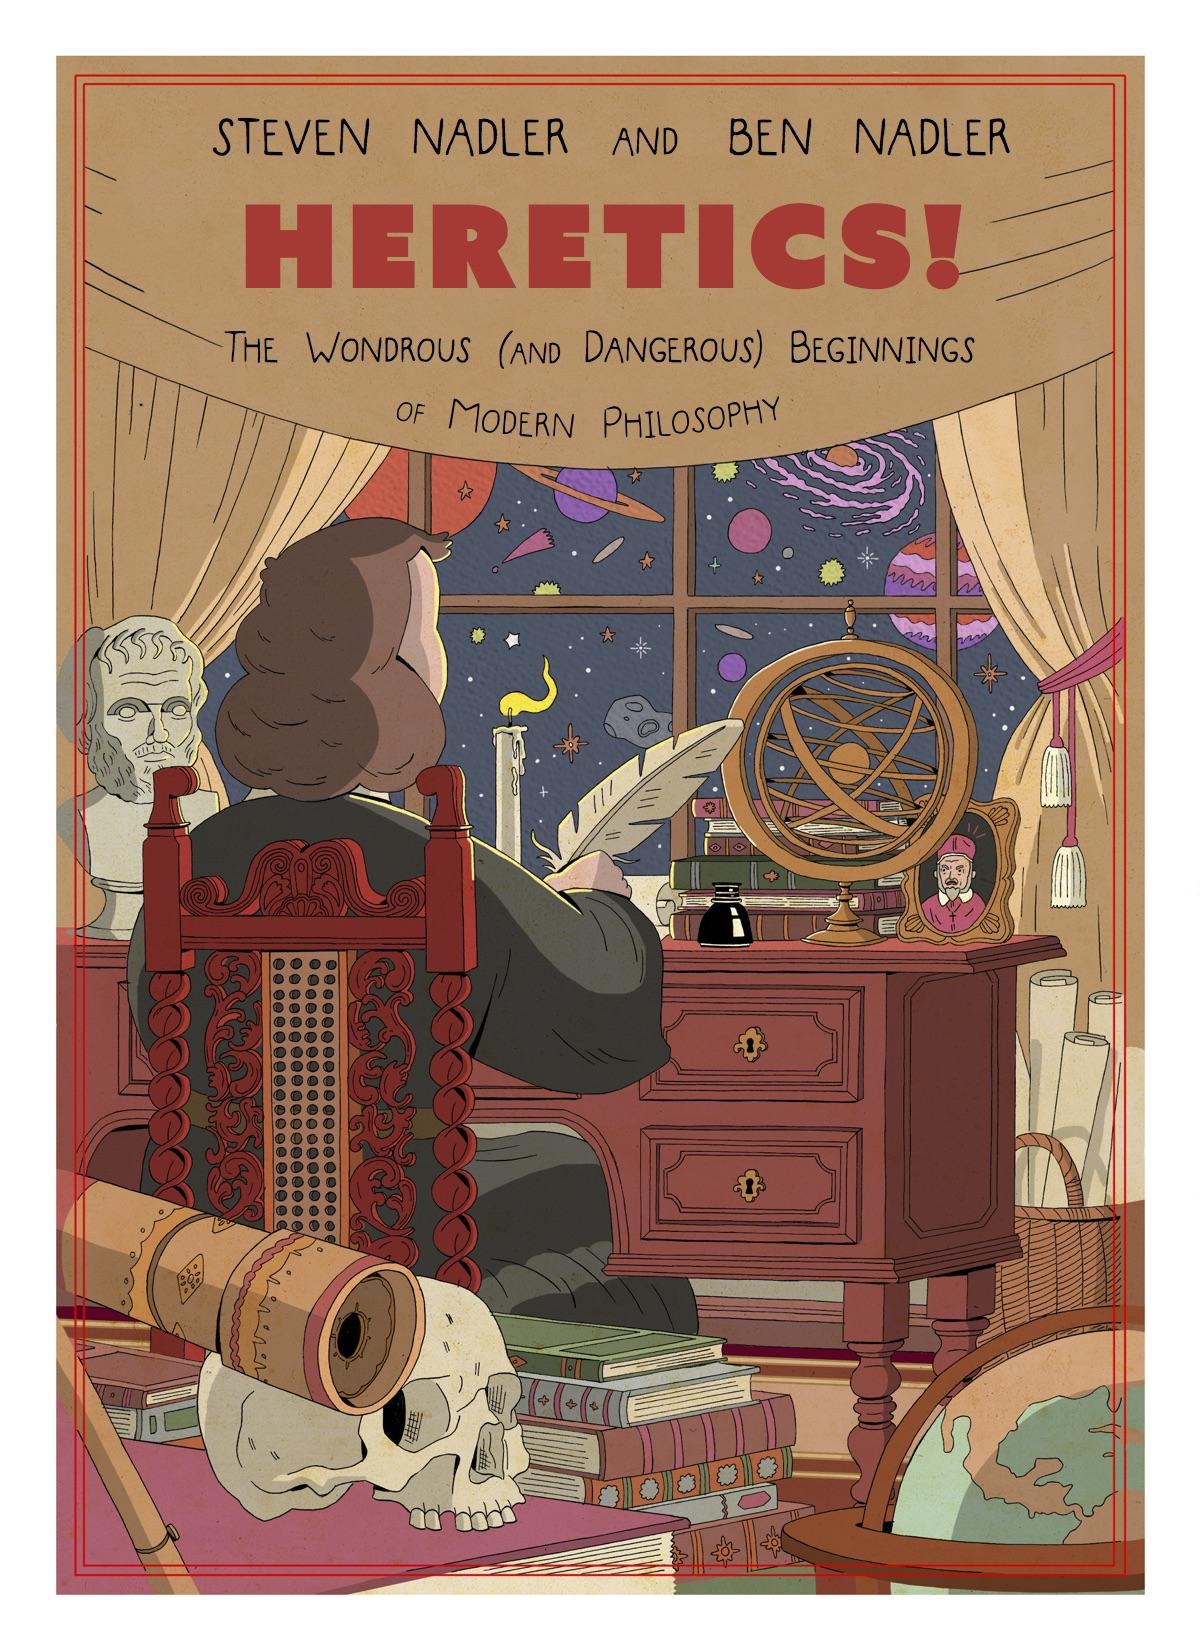 2017, Princeton University Press